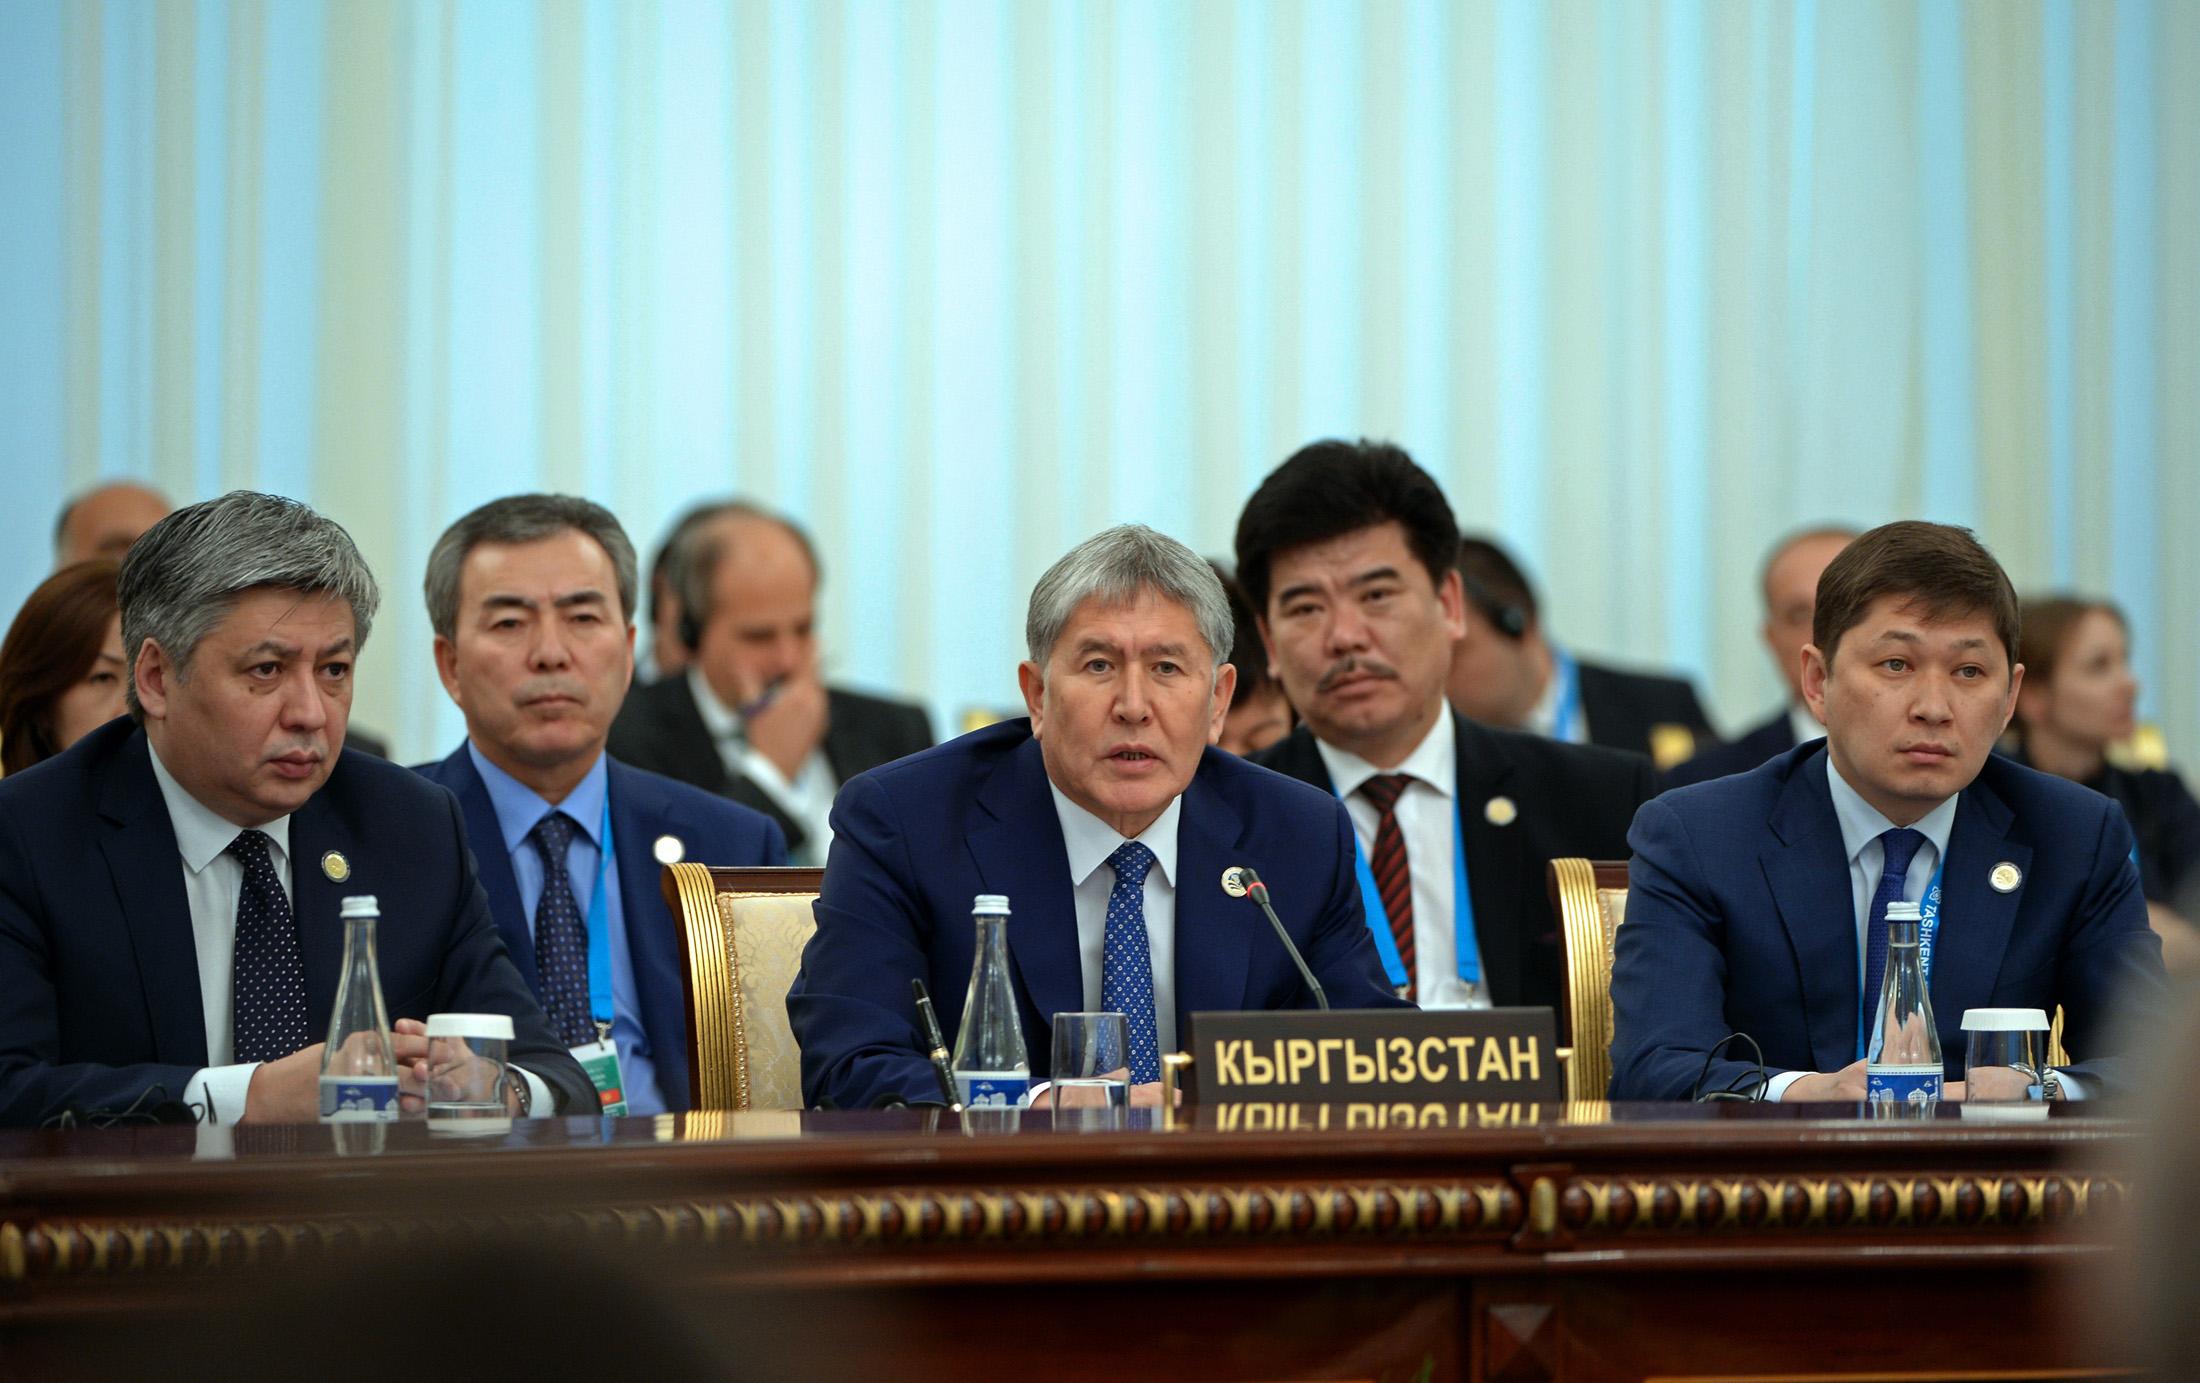 Выступление Алмазбека Атамбаева в Ташкенте. © Пресс-служба президента КР